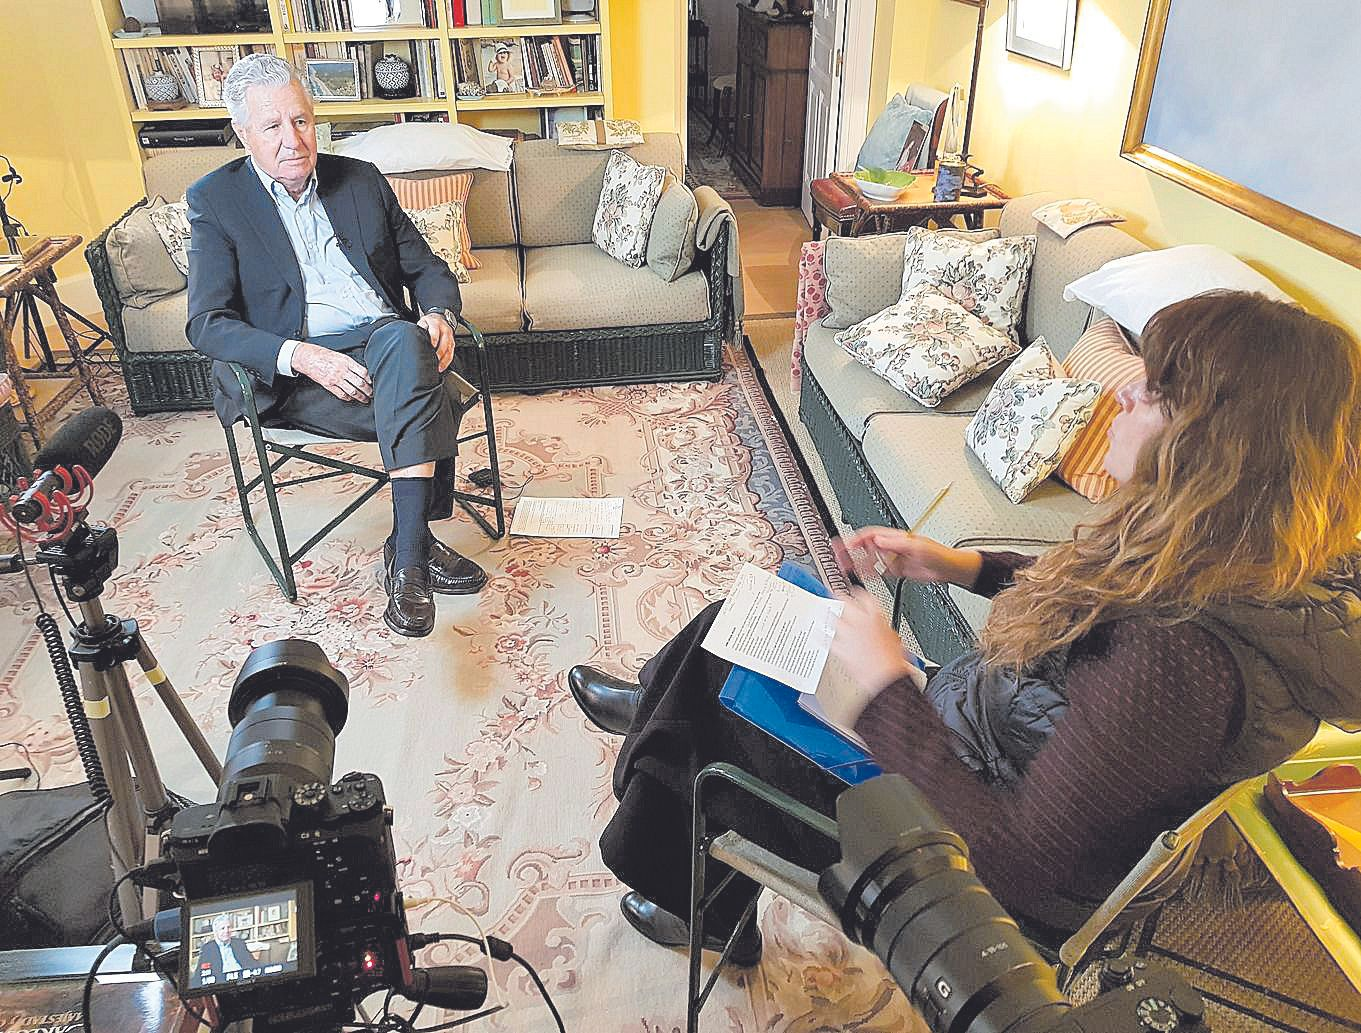 Rodaje con uno de los 36 entrevistados, Jaime de Carvajal y Urquijo.jpg